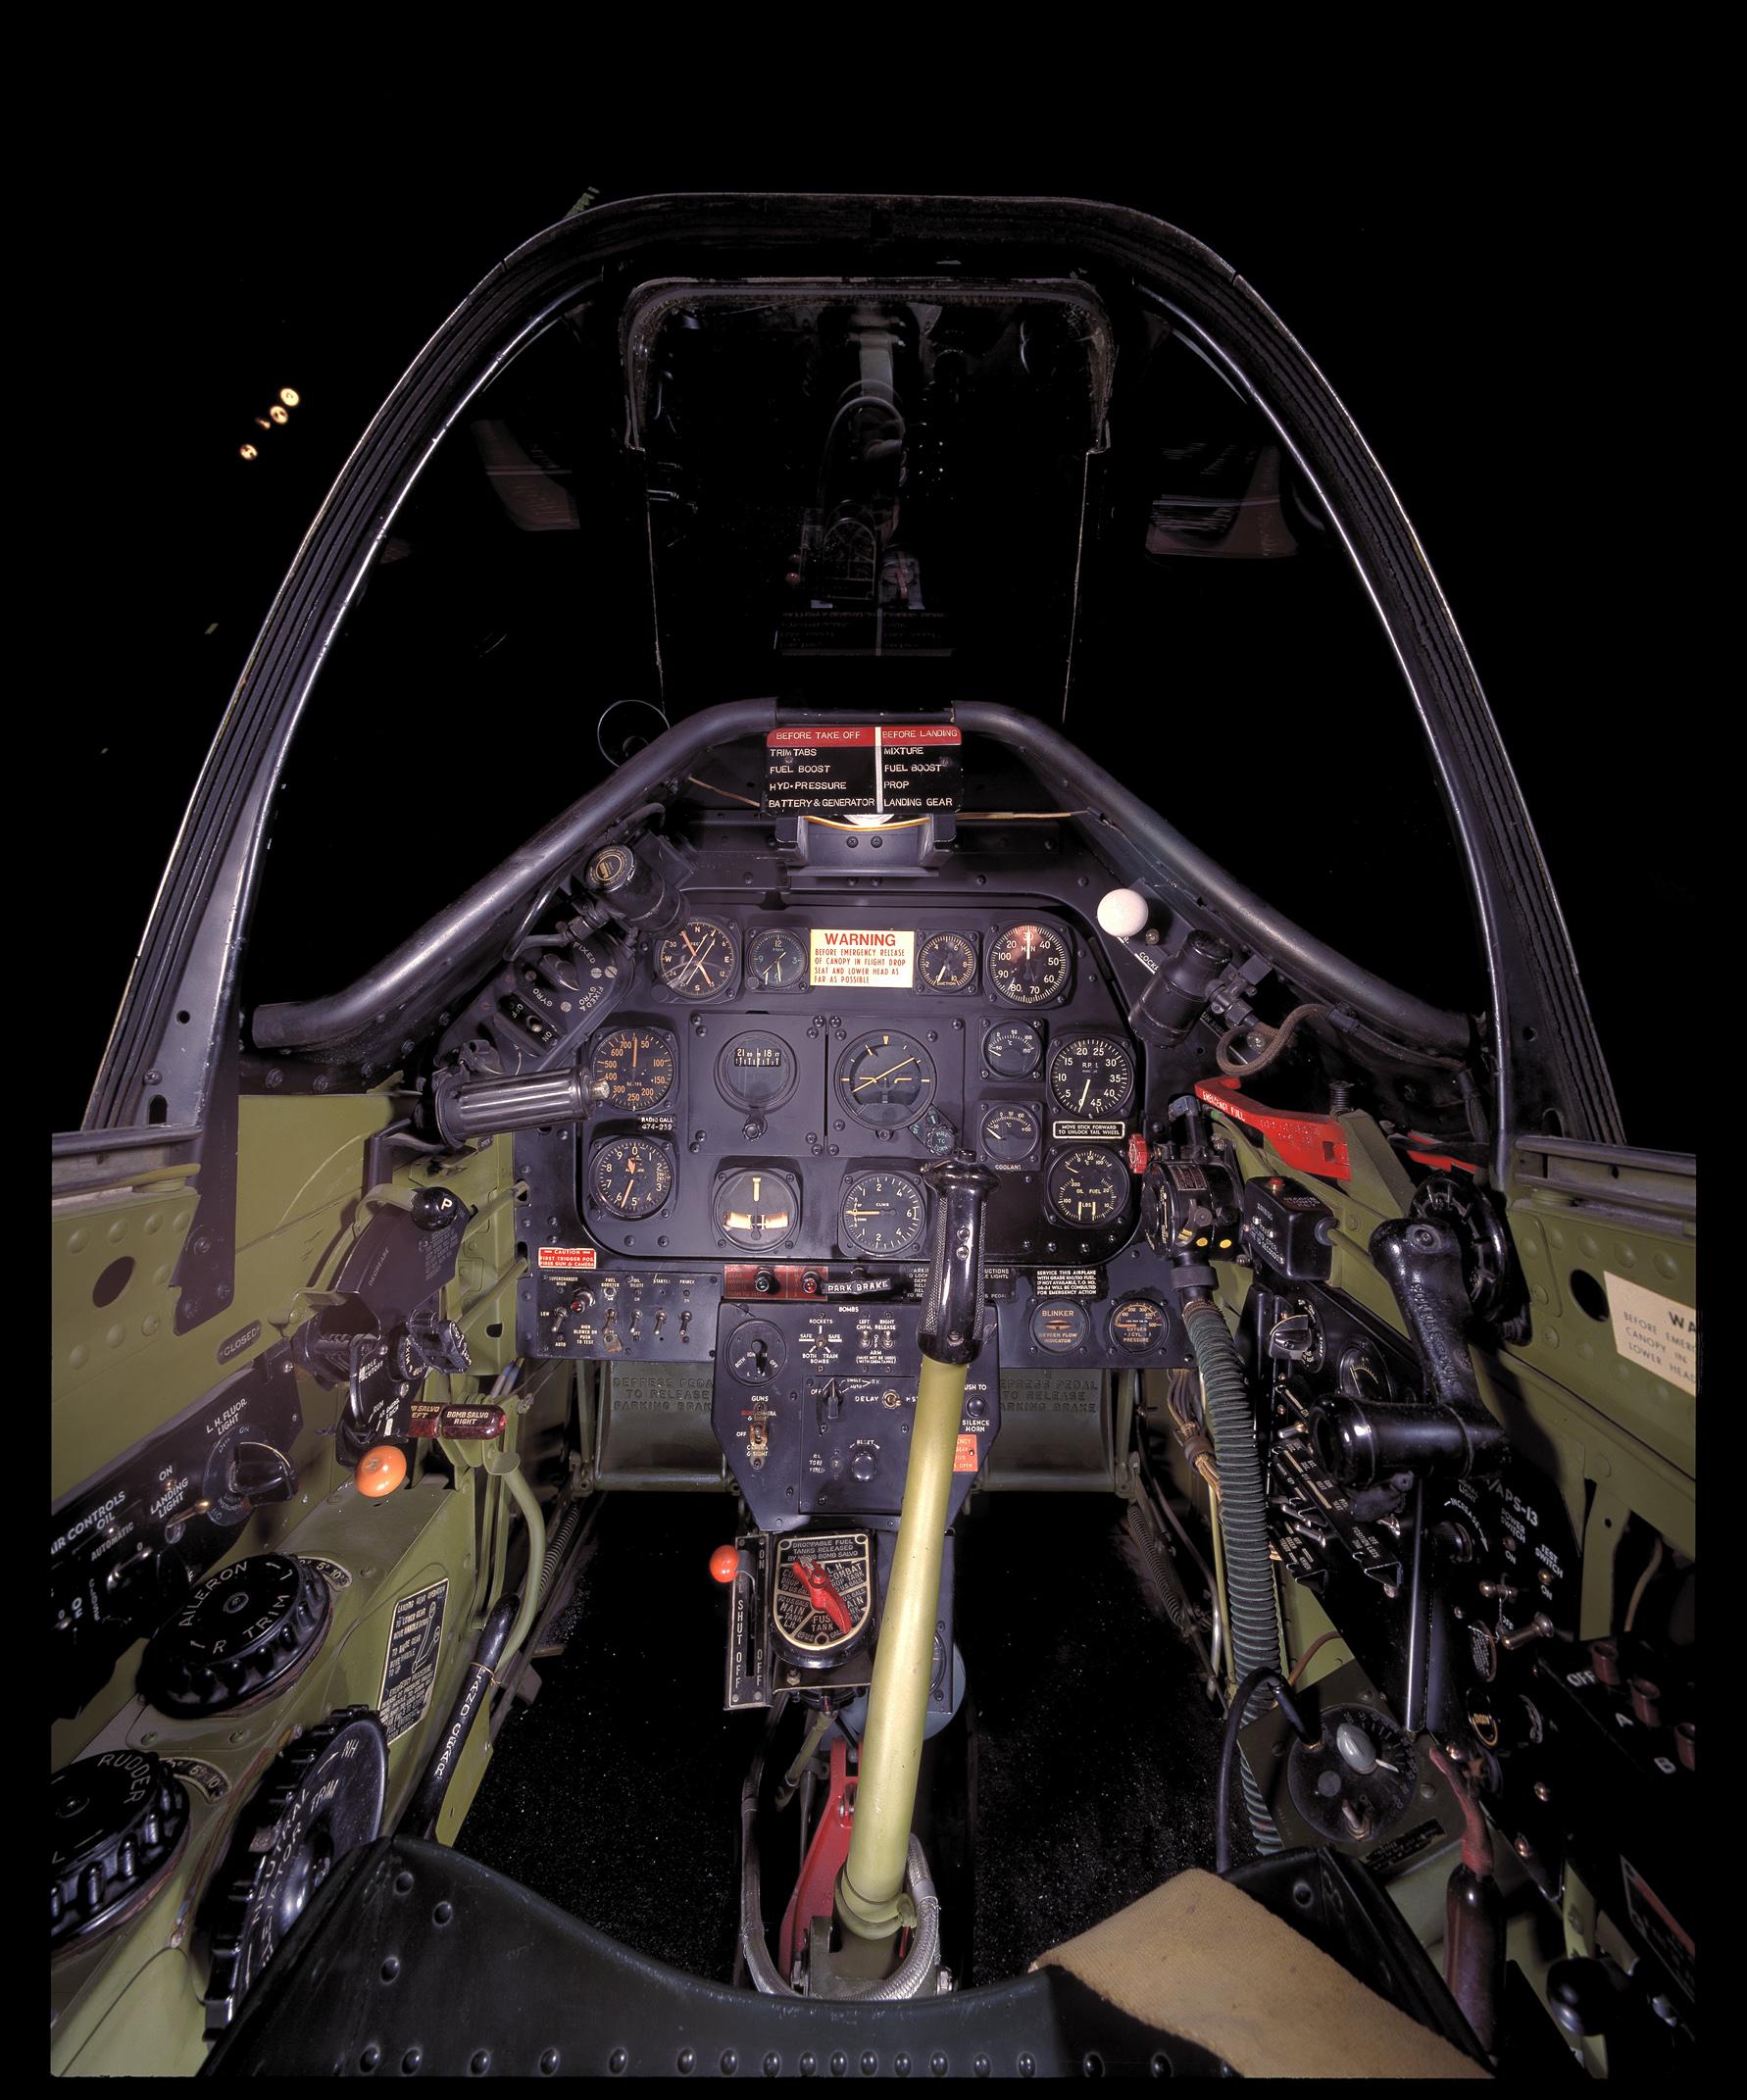 P 51 (航空機)の画像 p1_39